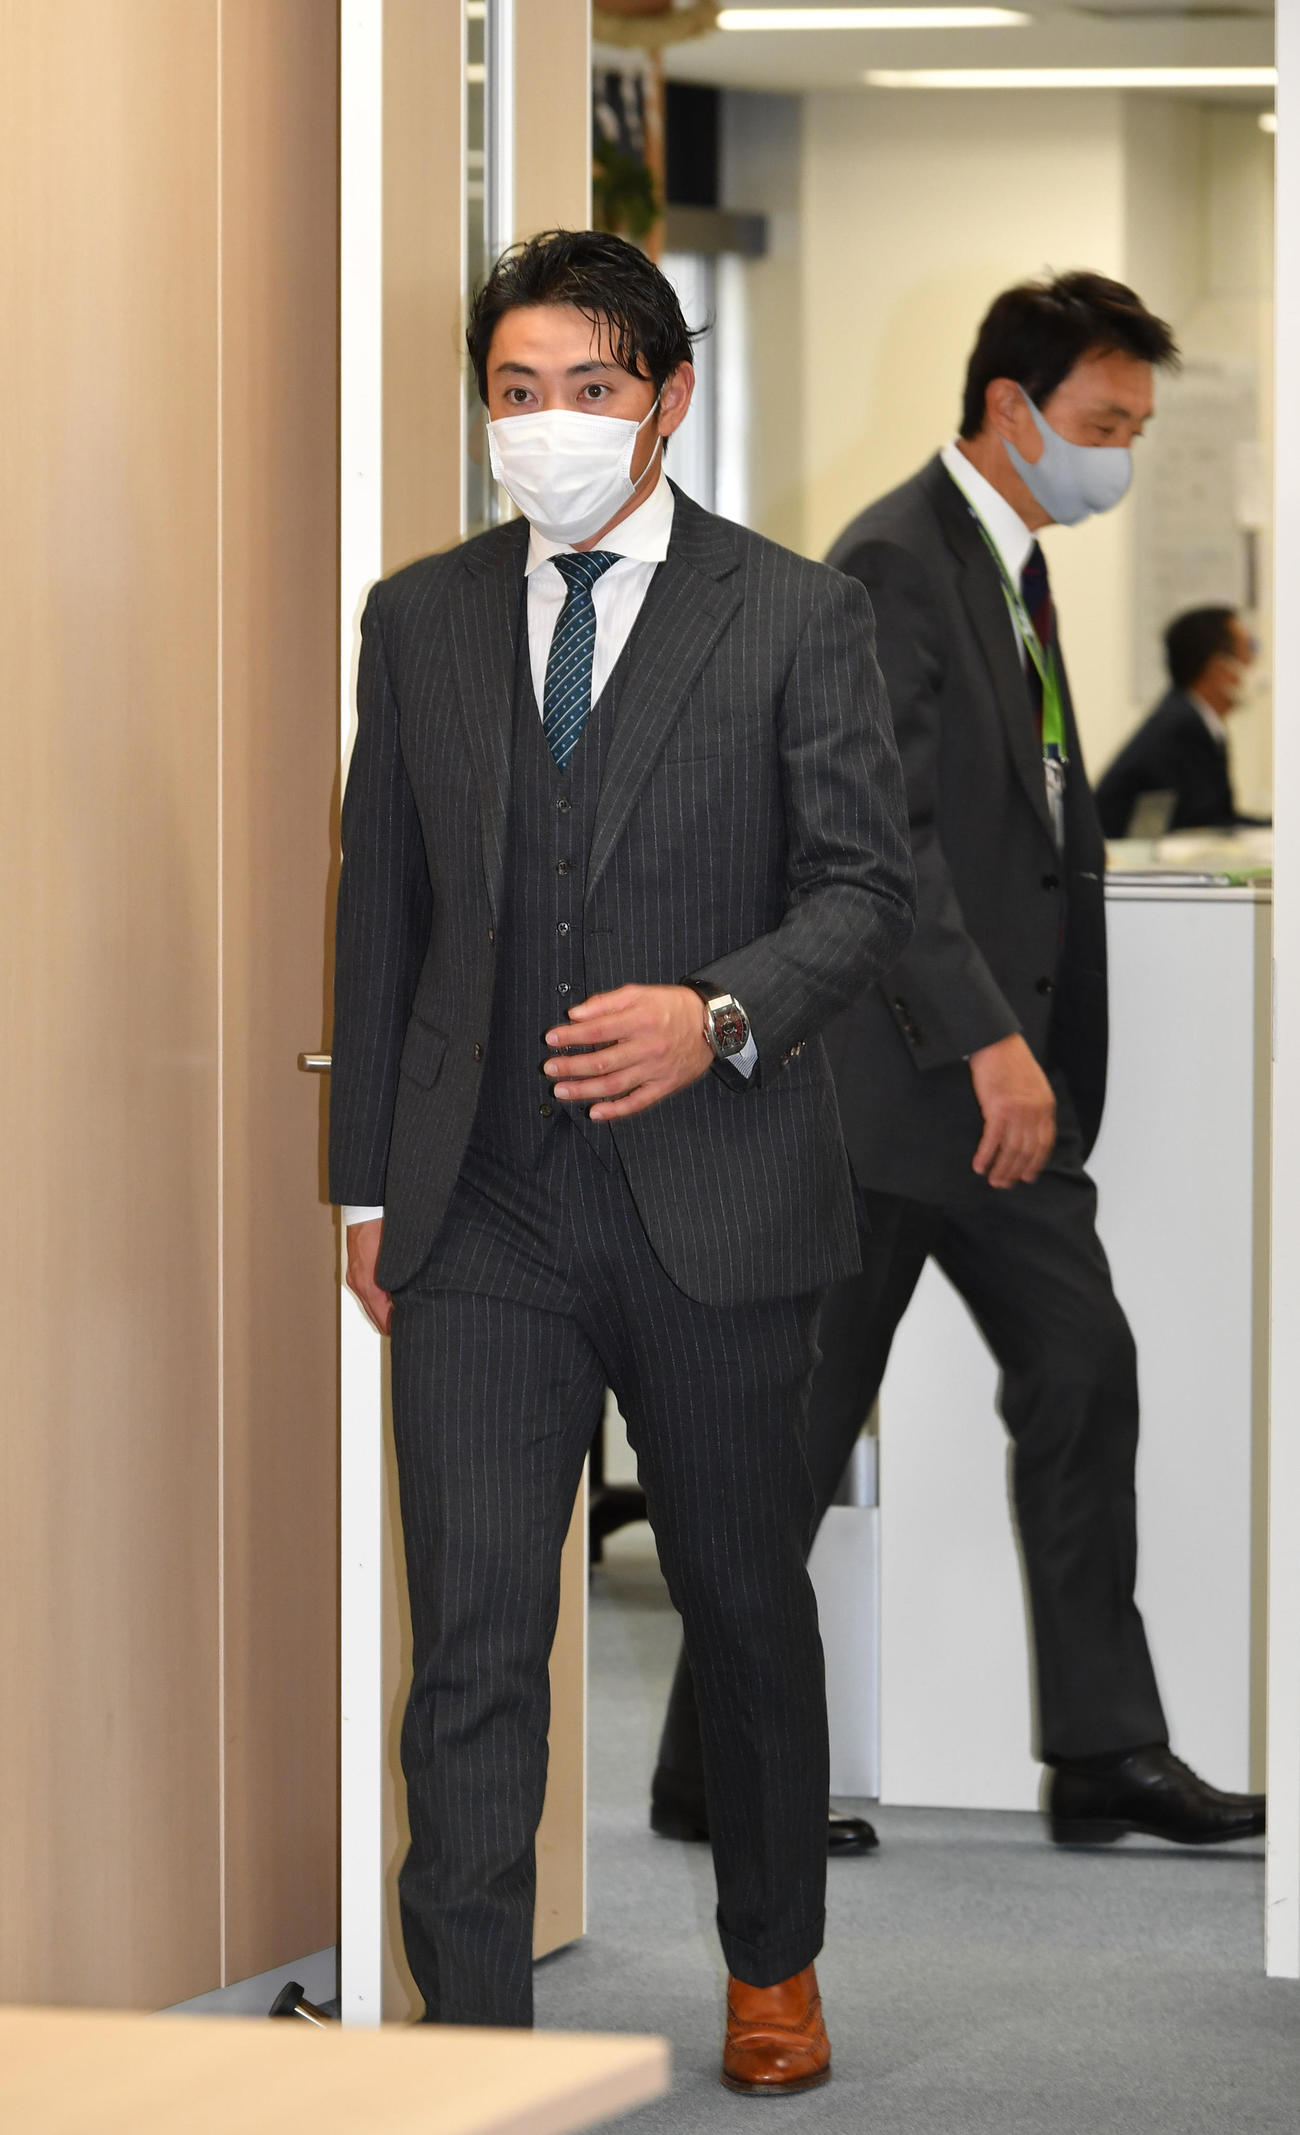 入団会見の会場に現れた内川聖一。後方は小川淳二GM(代表撮影)